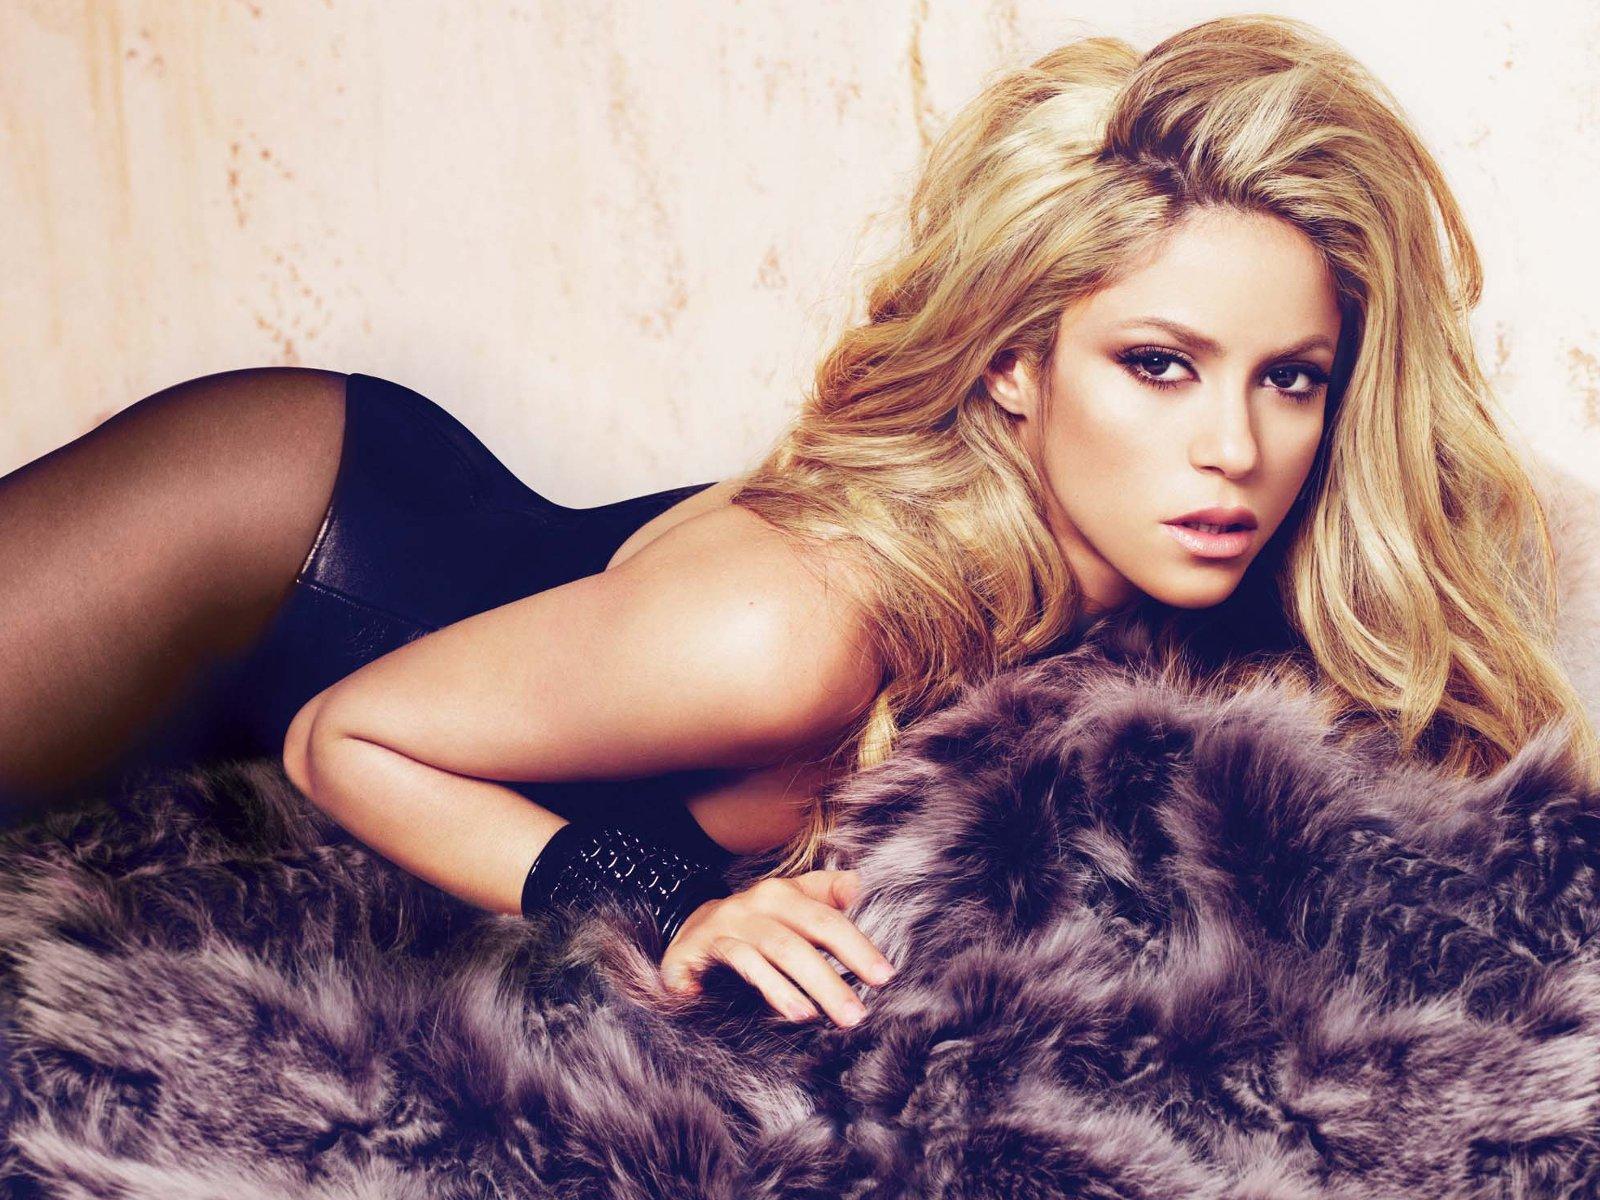 Без макияжа и фотошопа: Шакира показала свою естественную красоту (Фото)